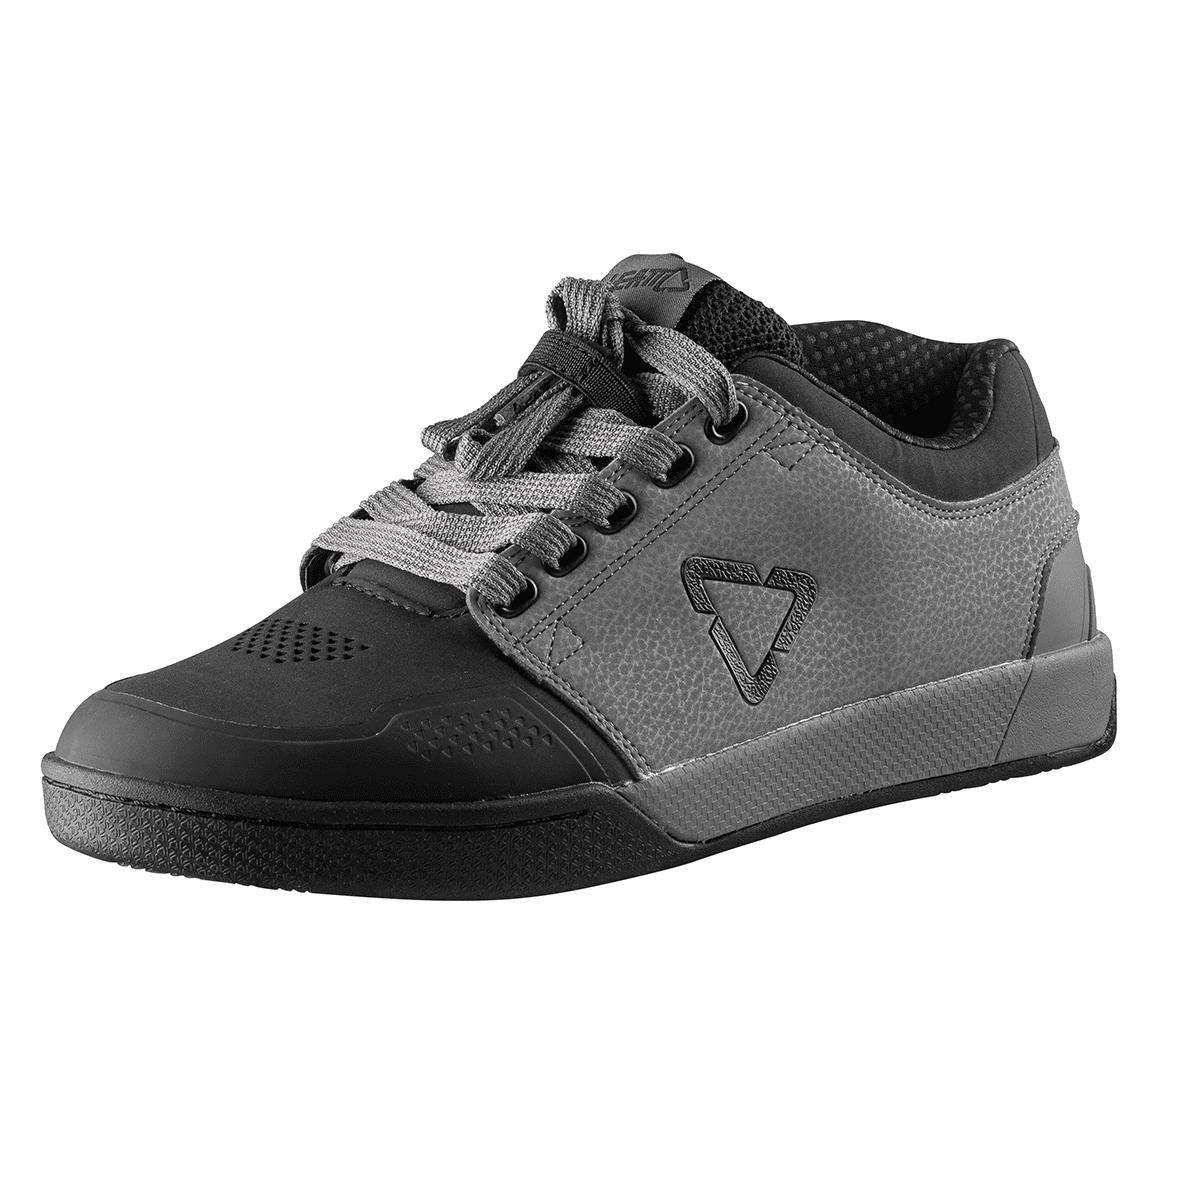 Leatt Leatt, DBX 3.0 Flat Shoes, Granite - 10.5